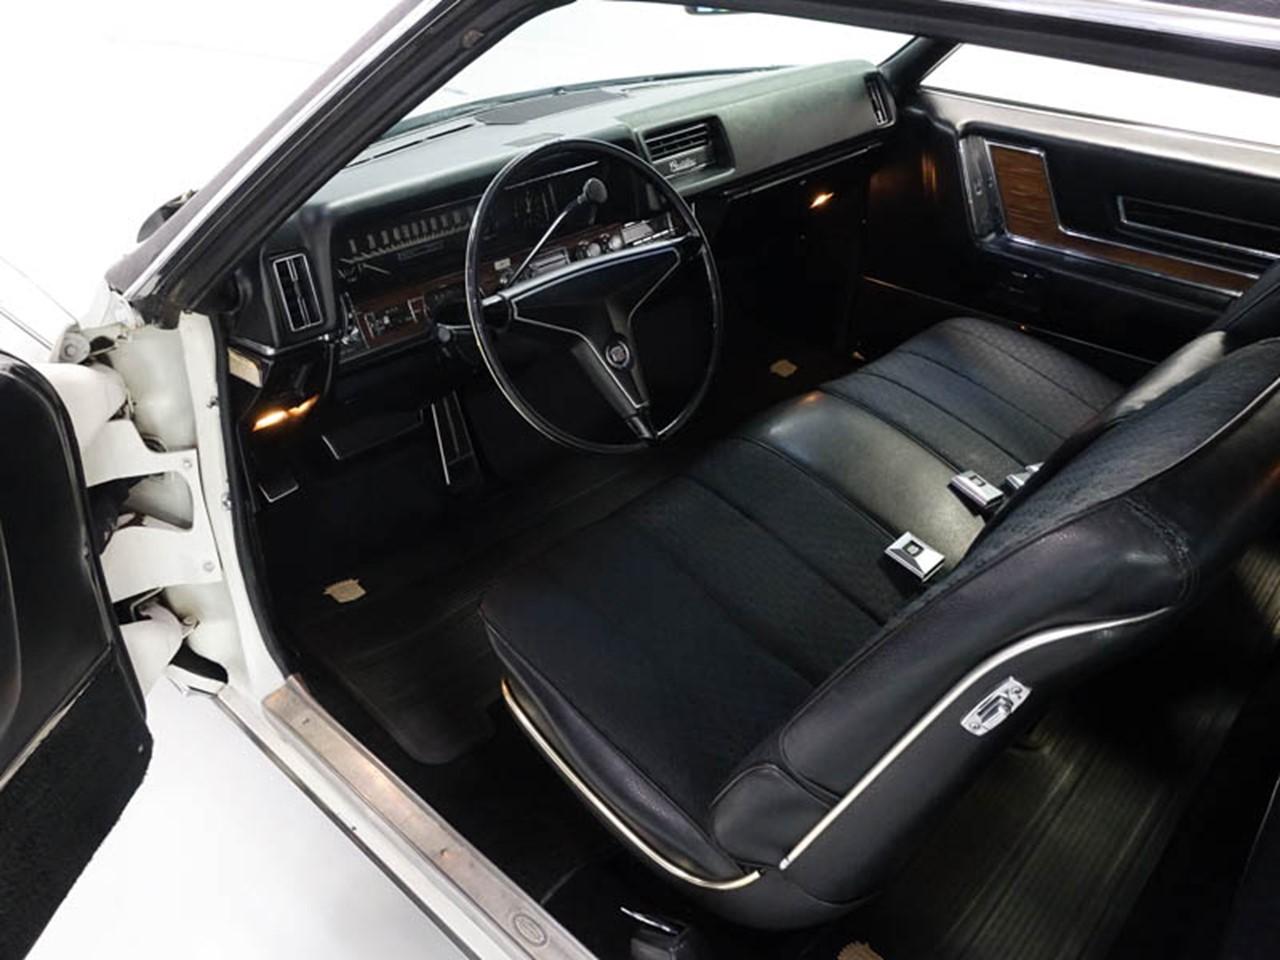 1968 Cadillac Fleetwood Eldorado Notoriousluxury